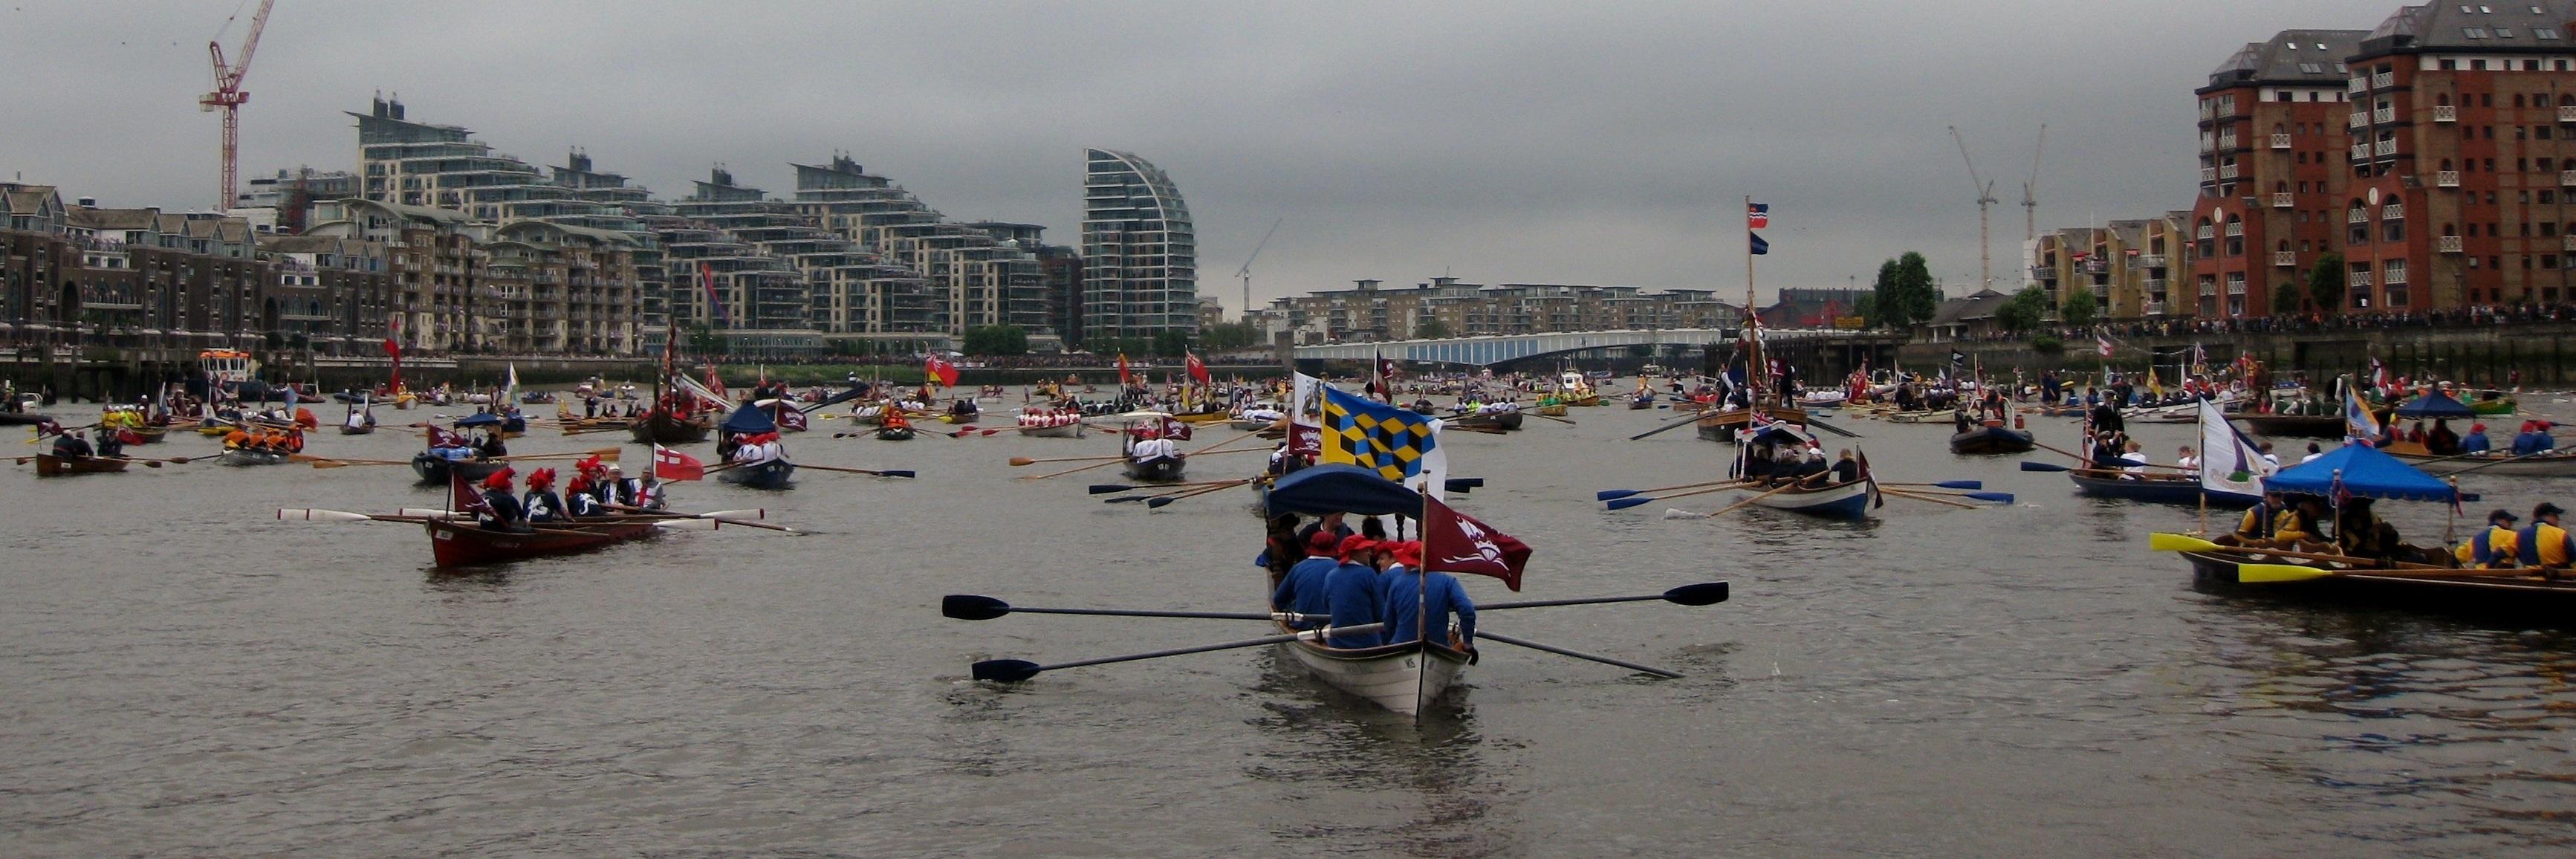 The waiting flotilla